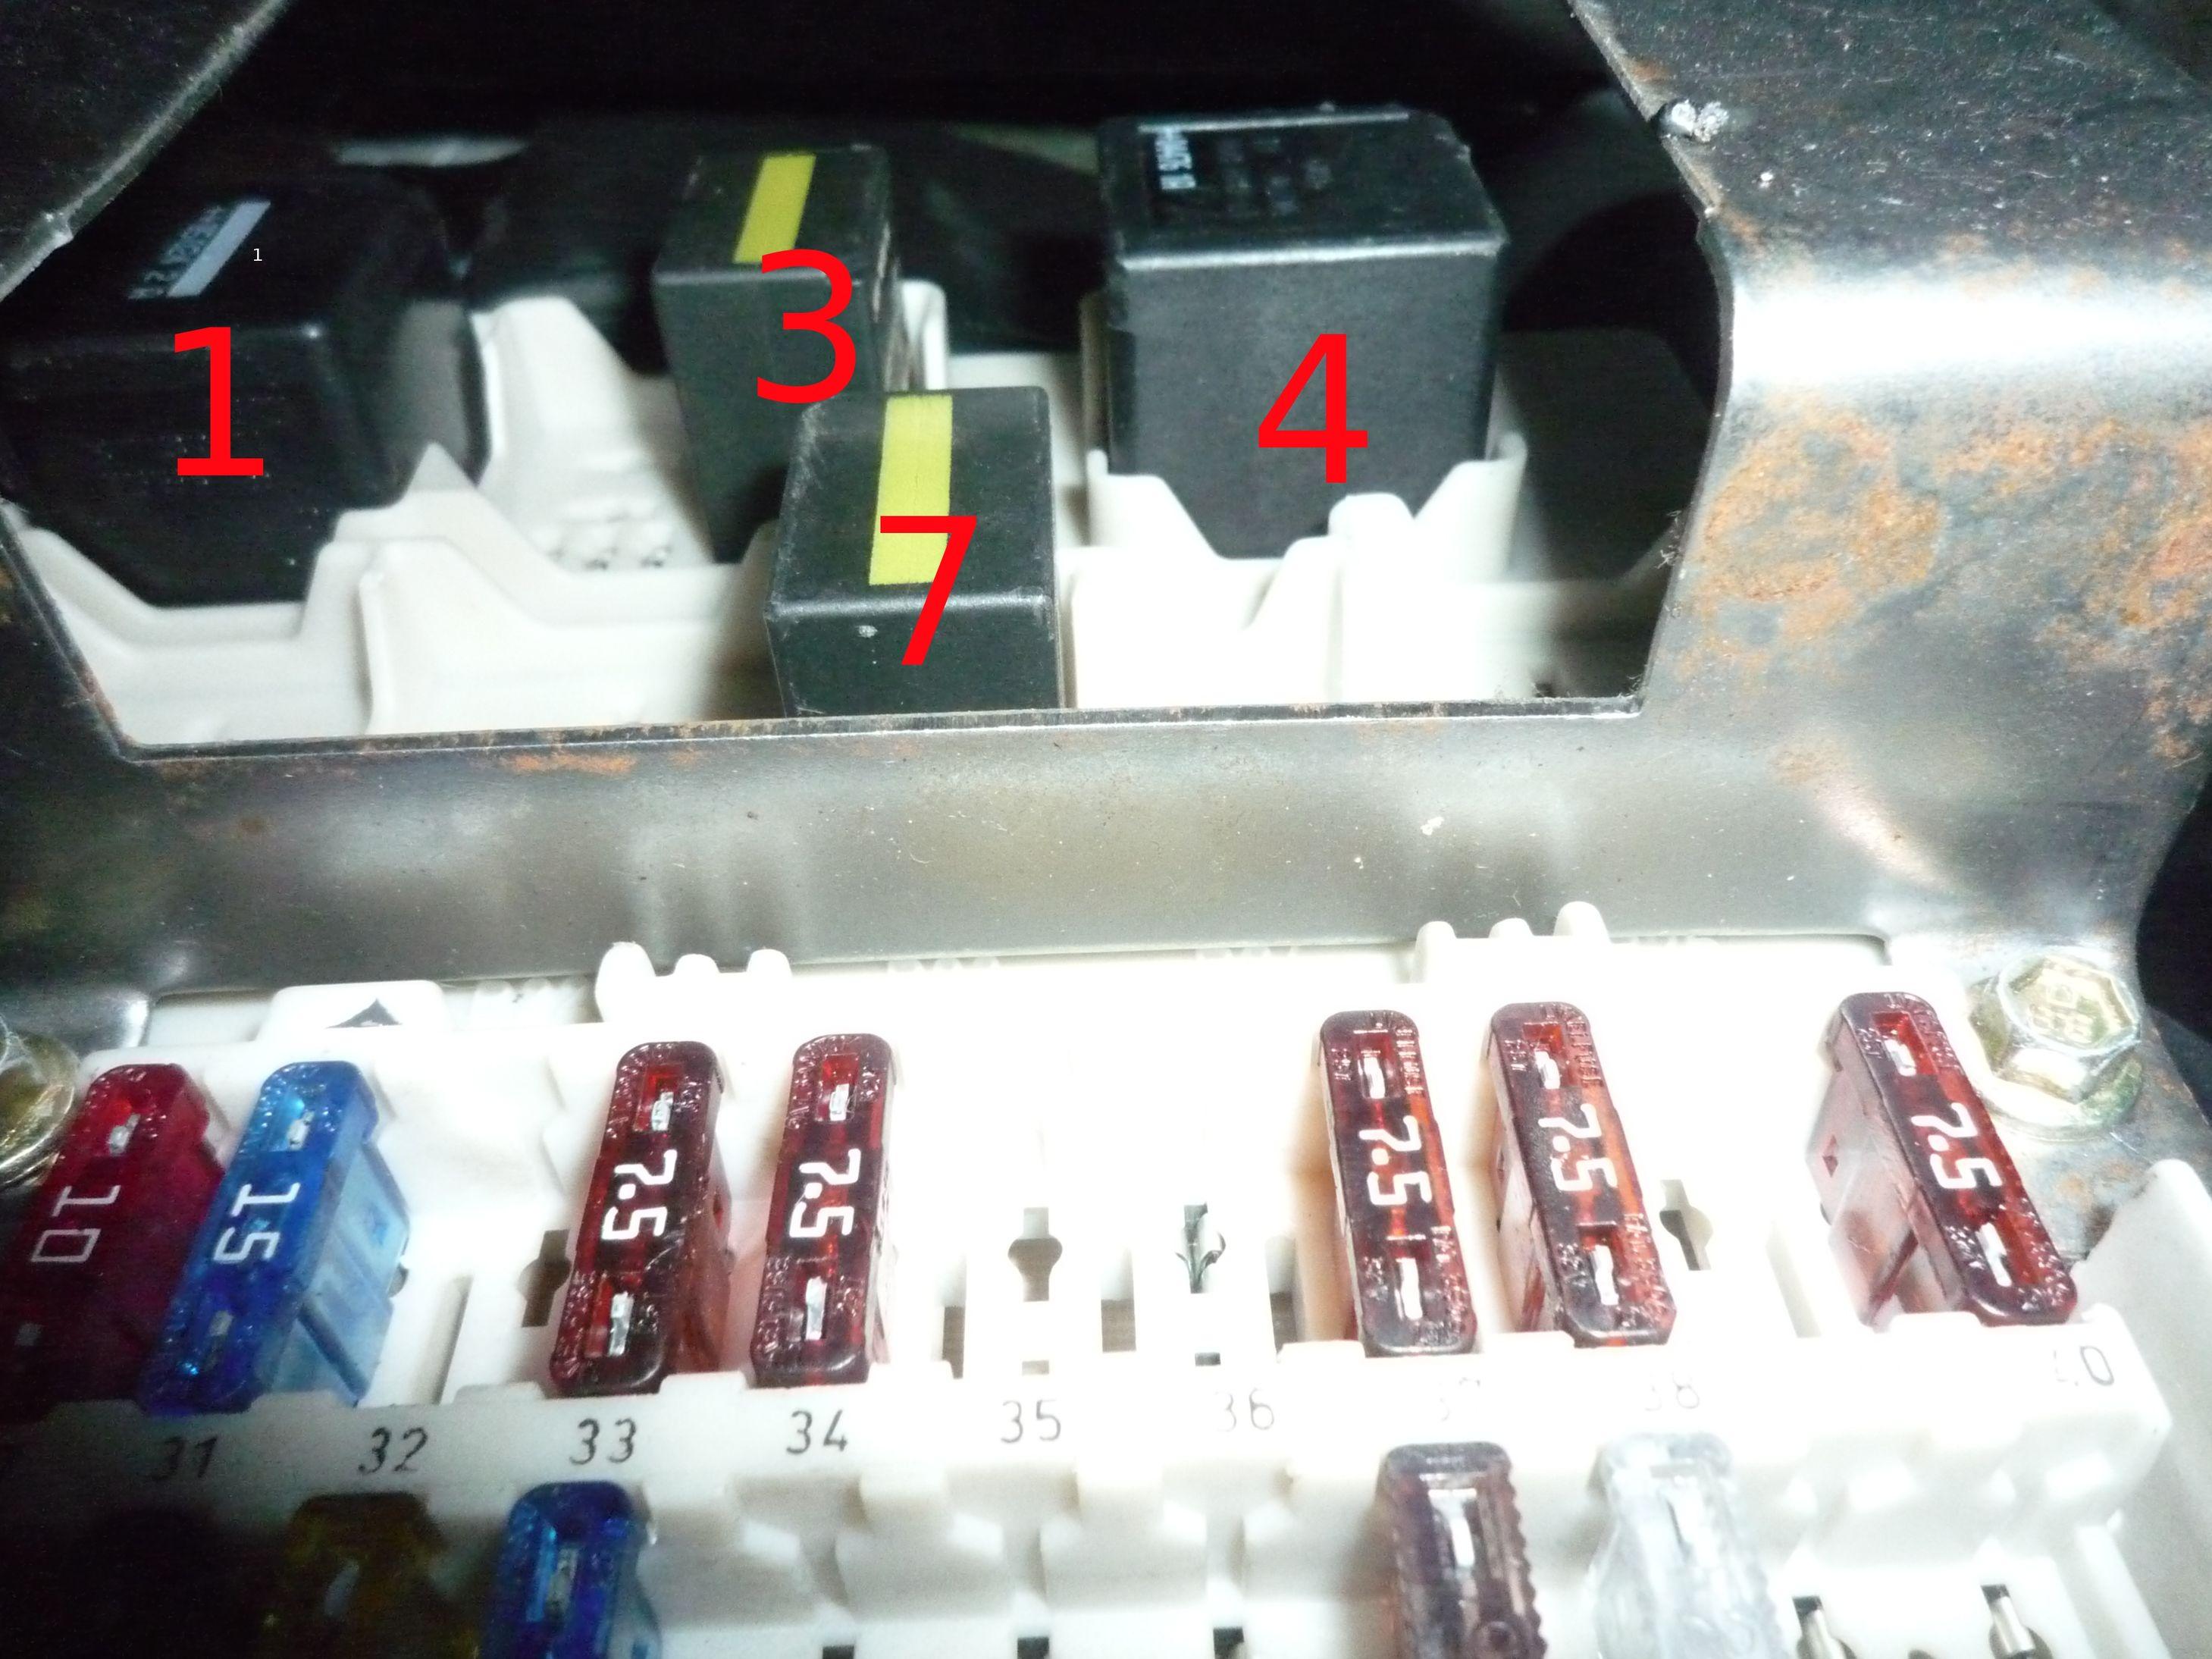 ford transit connect 1 8l tddi 75 de 2005 r paration m canique aide panne auto forum autocadre. Black Bedroom Furniture Sets. Home Design Ideas